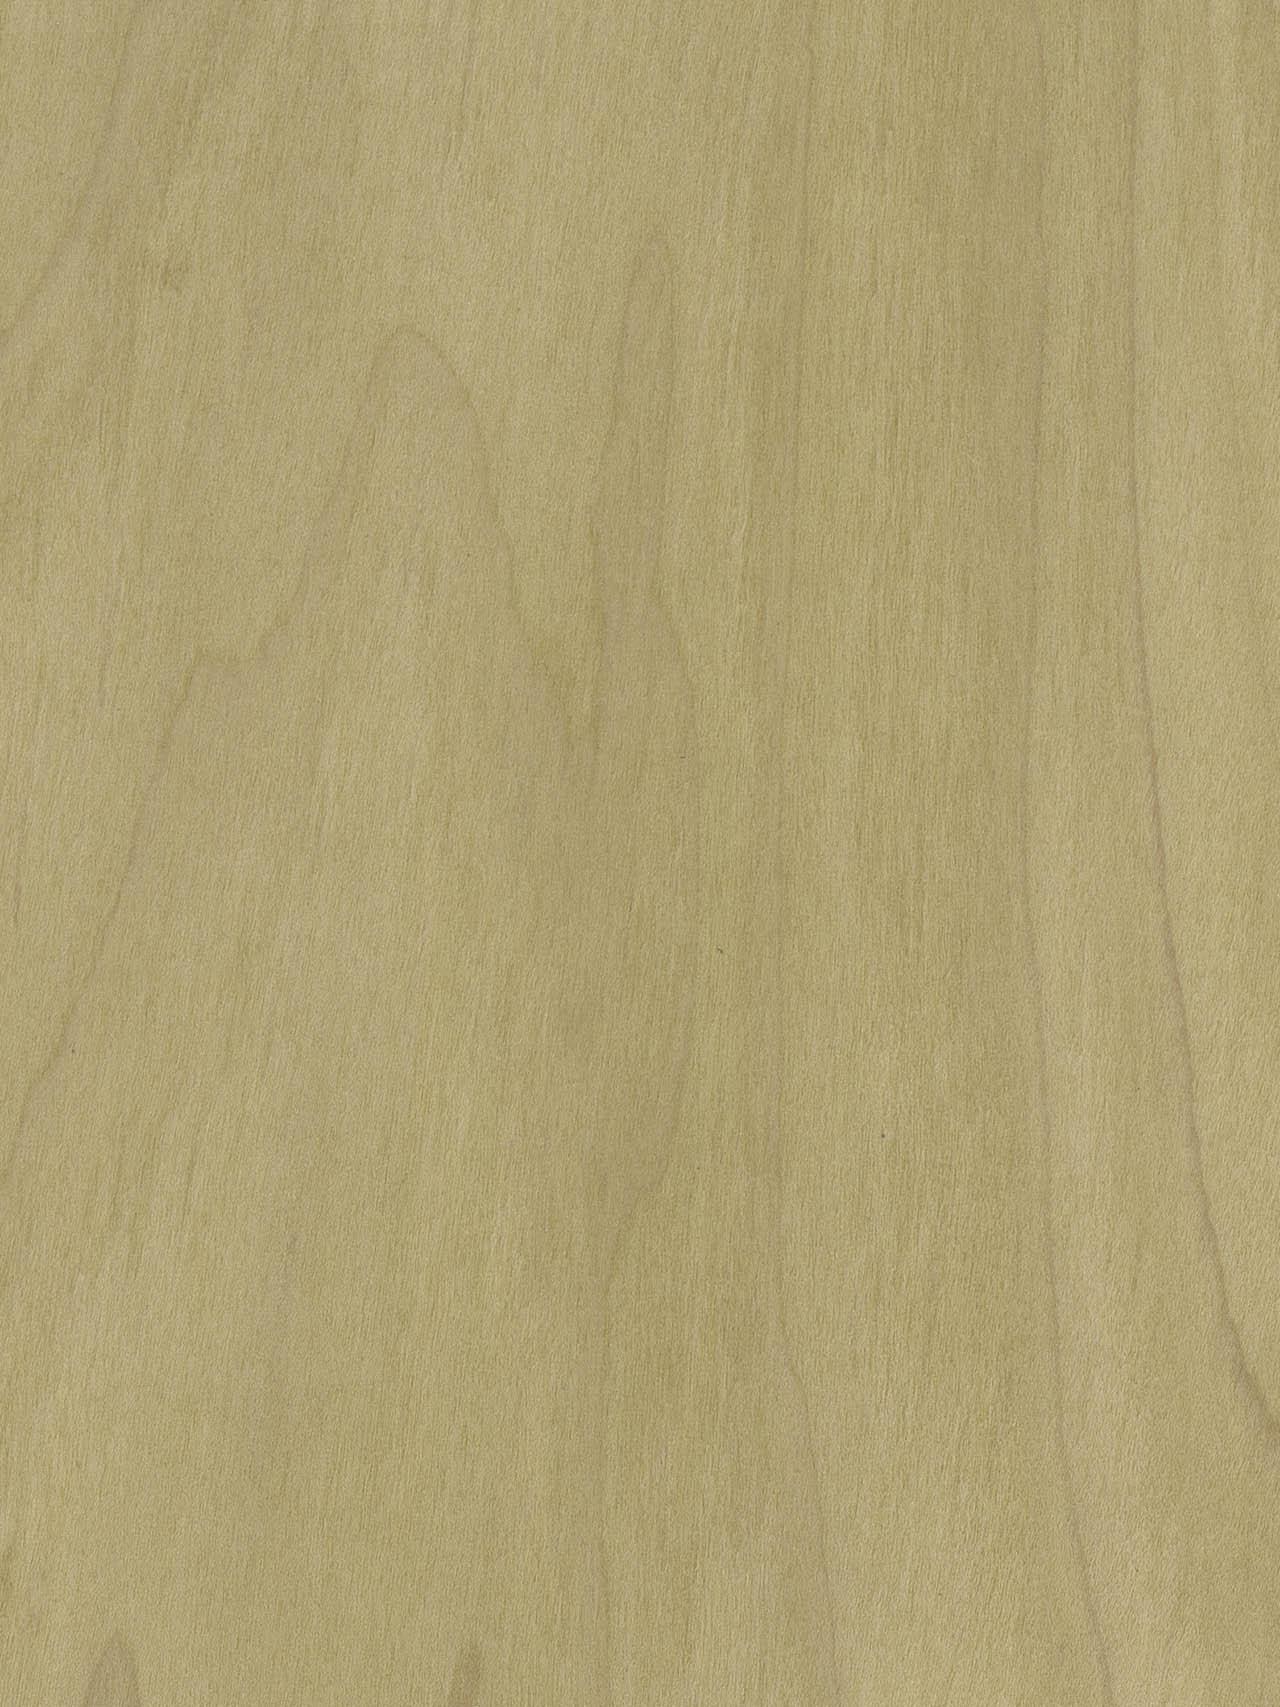 Chapa de madera Tulipié Esmeralda Losán